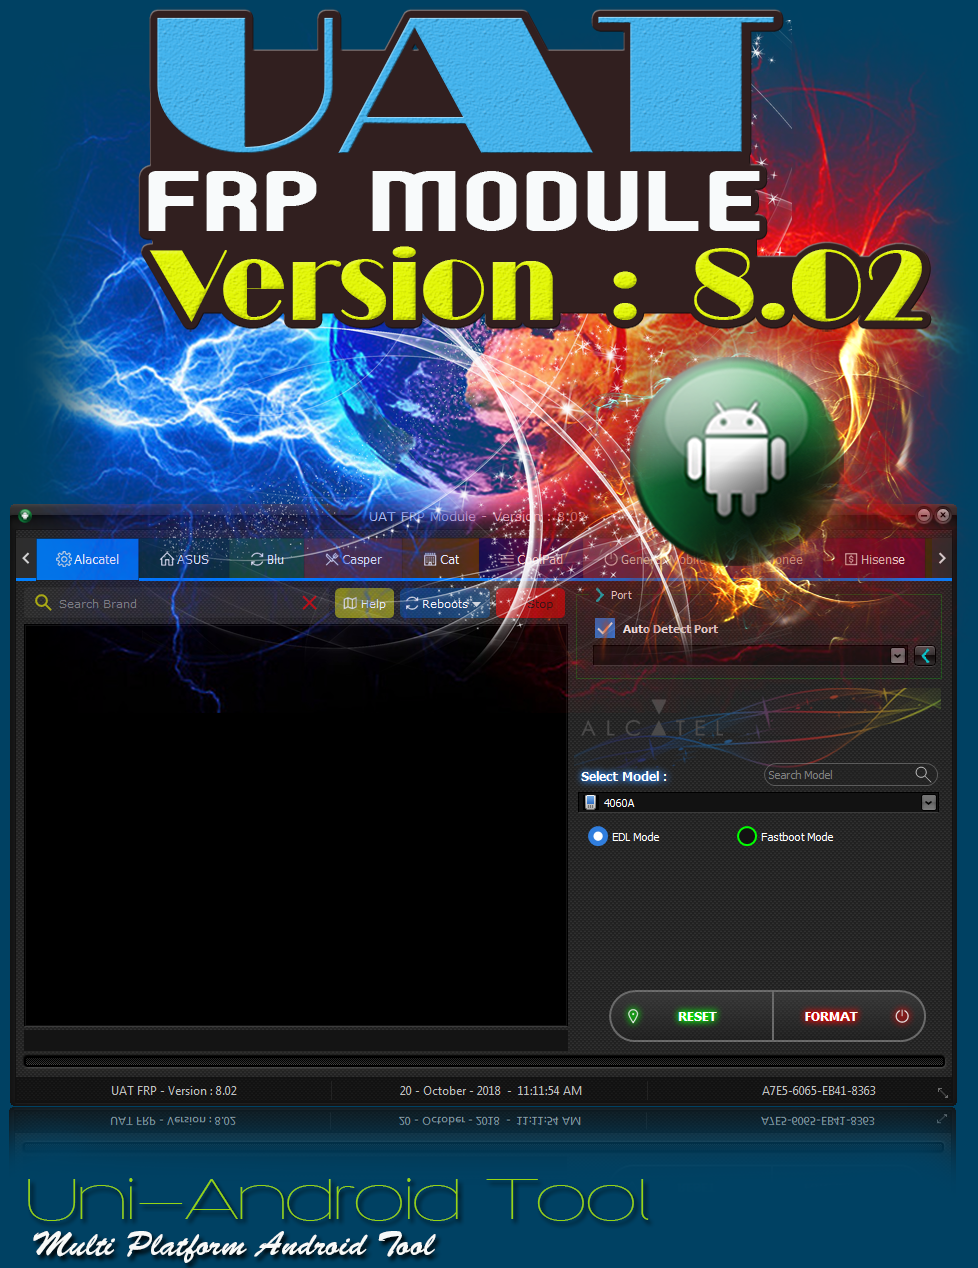 [تحديثات] Uni-Android Tool [UAT] FRP MODULE 8.02 Released - 20th October 2018 HxTu7wj8